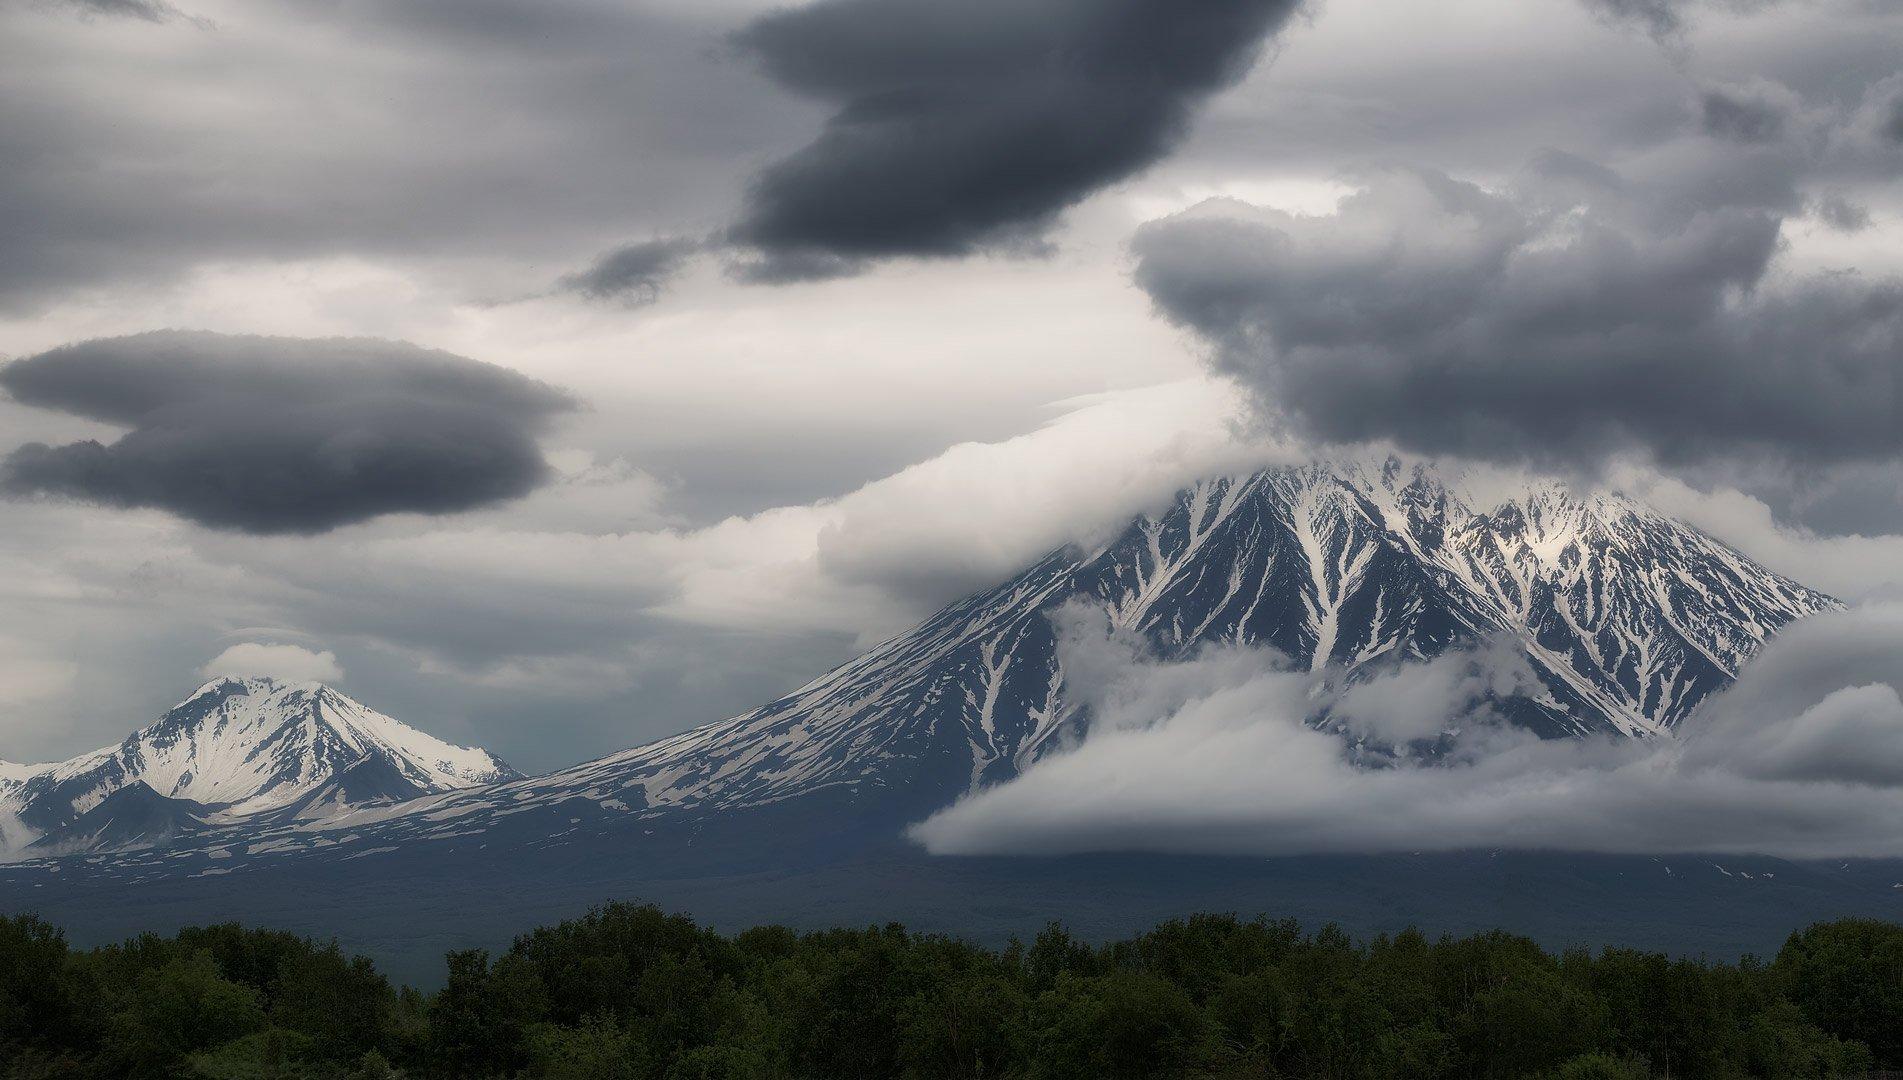 камчатка, лето, горы, вулканы, облака, Евгений Паршуков